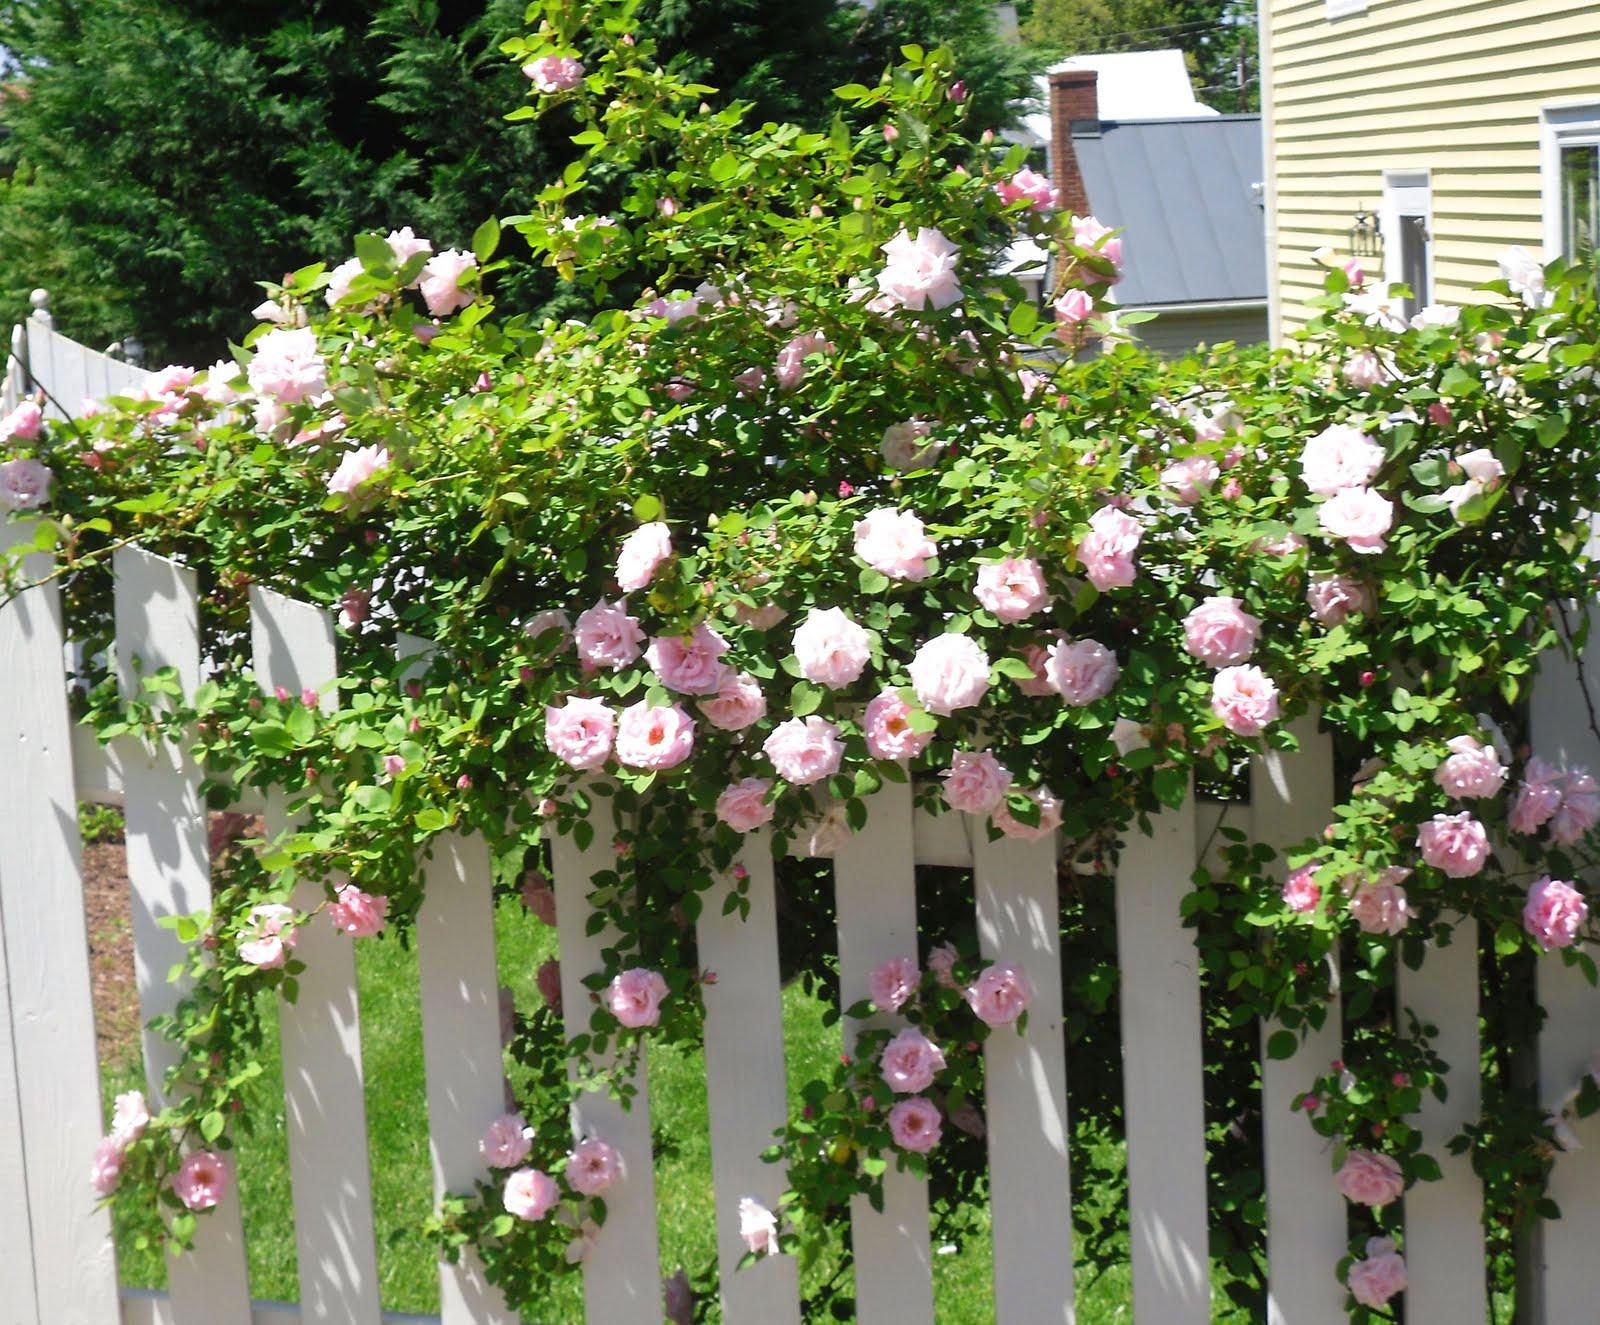 Garden Walk Buffalo Through The Garden Gates 6: Culpeper Virginia: May 2011